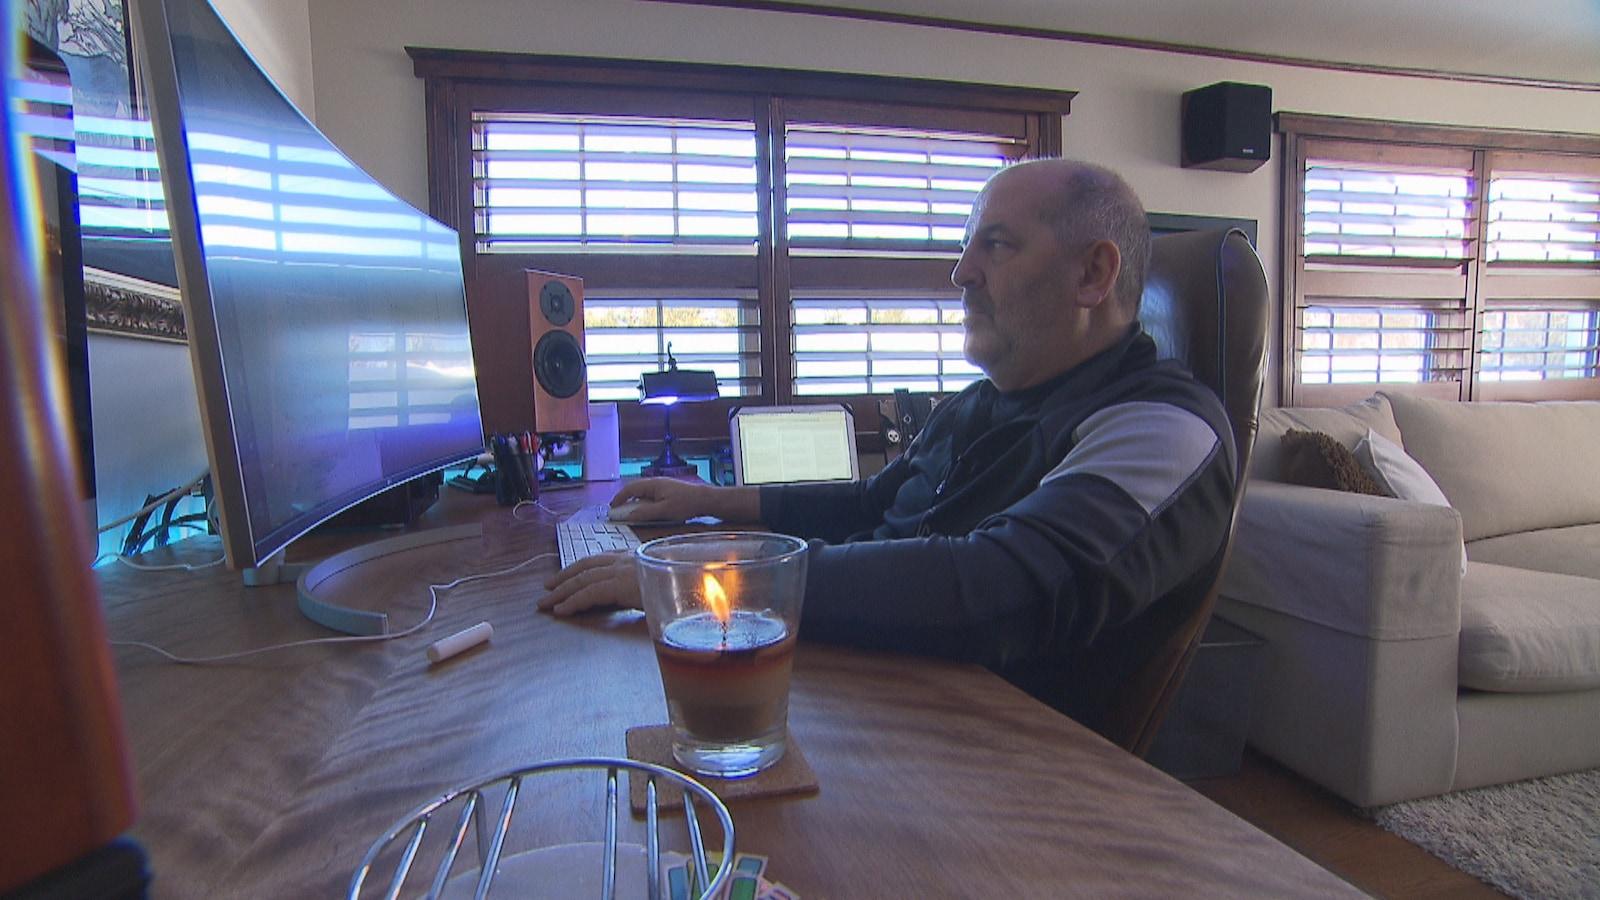 L'homme est assis devant son écran d'ordinateur.